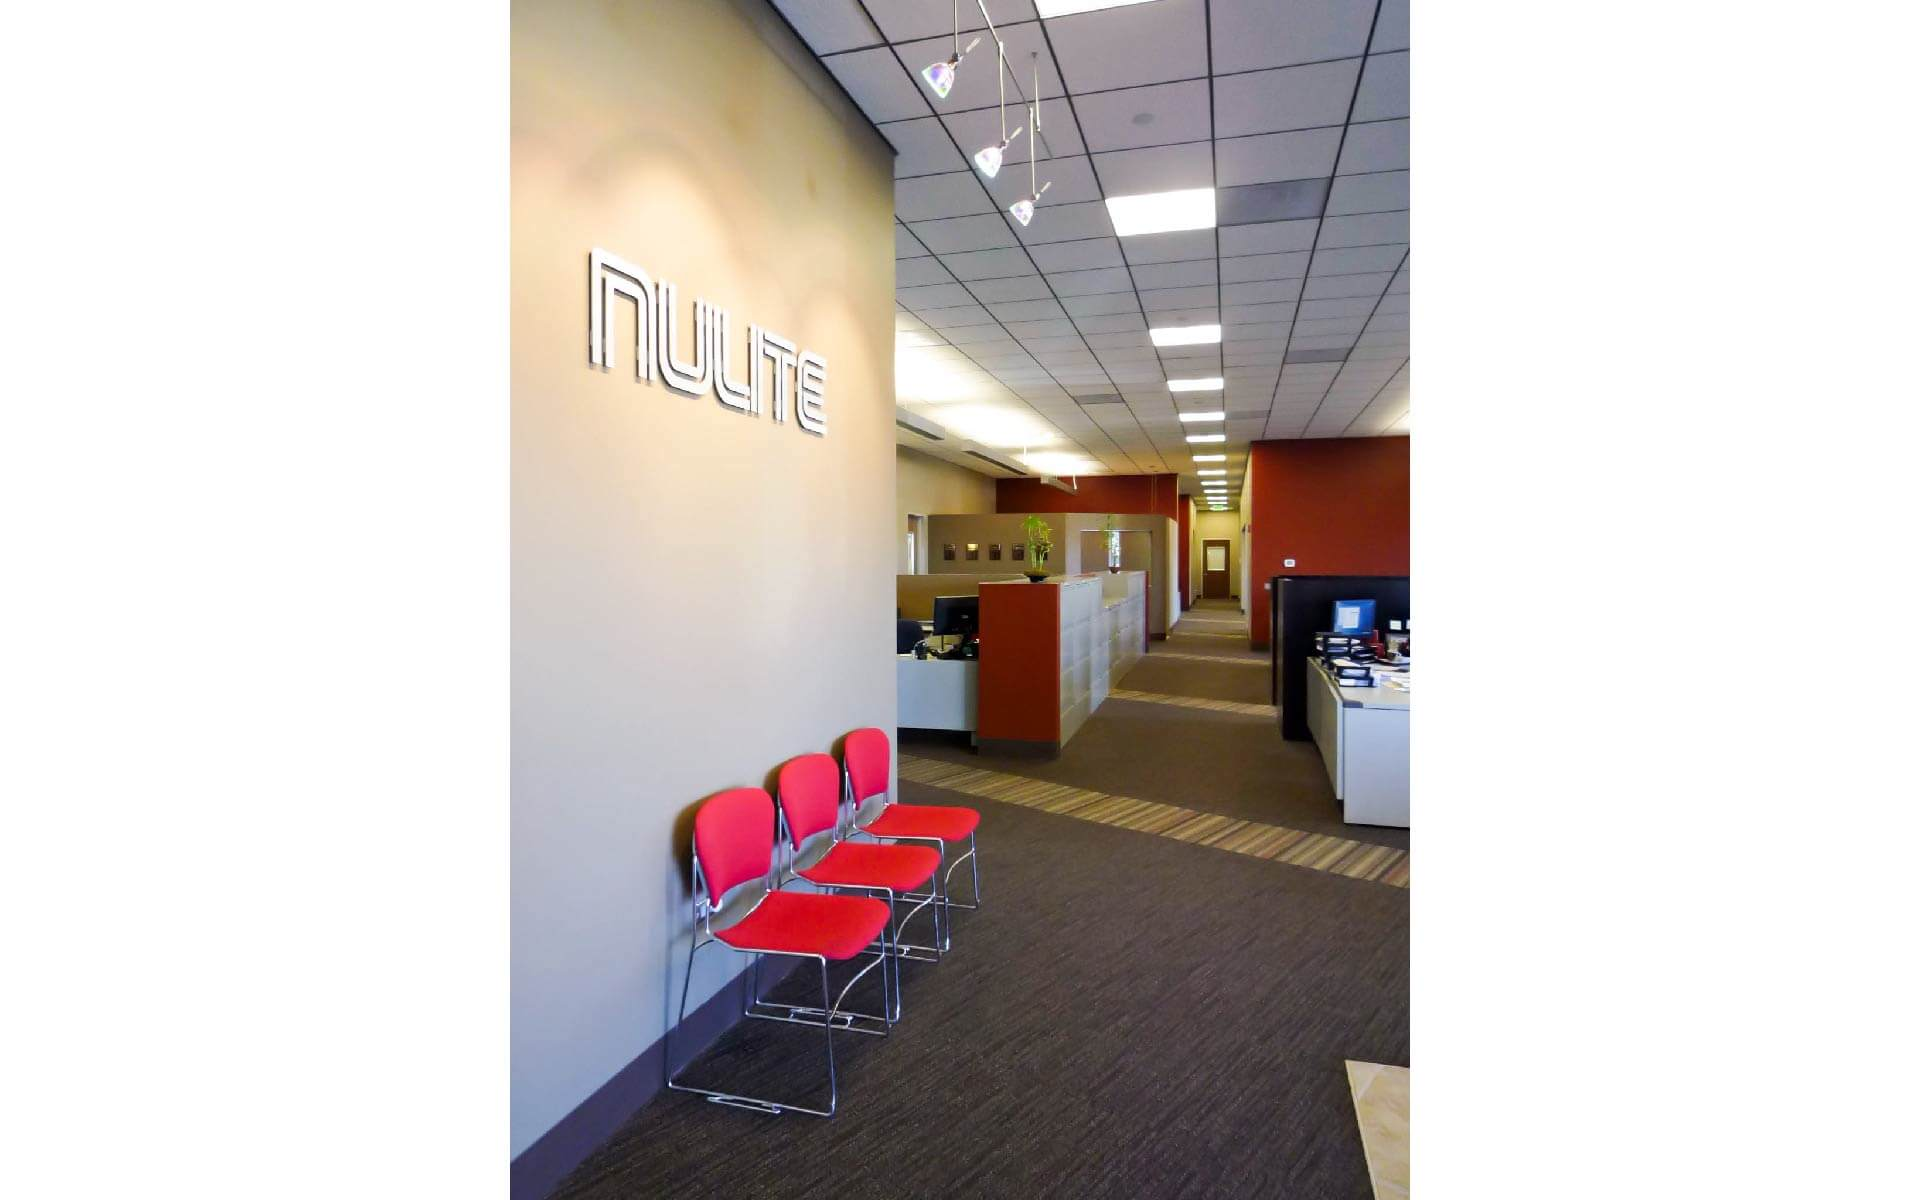 Nulite-01.jpg